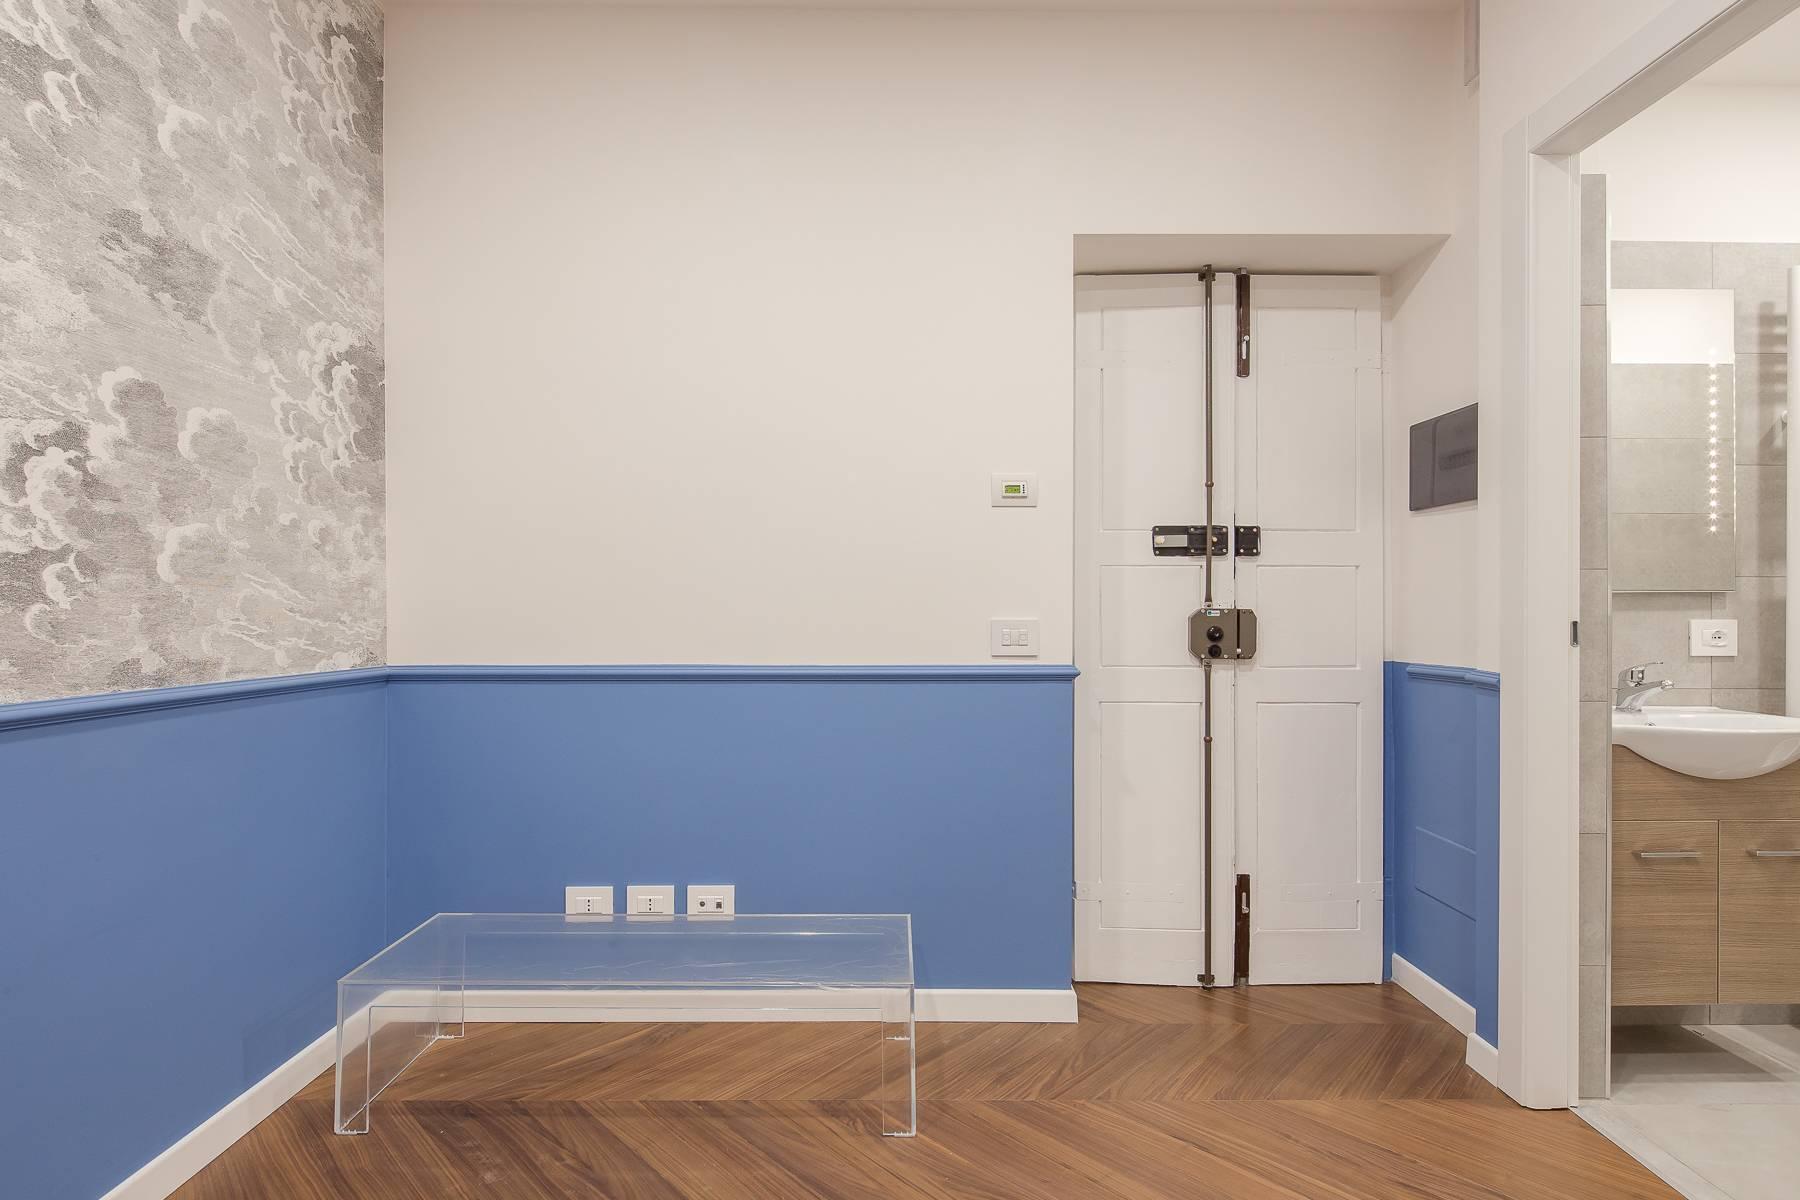 Elegante renovierte Zwei-Zimmer-Wohnung in Brera - 5